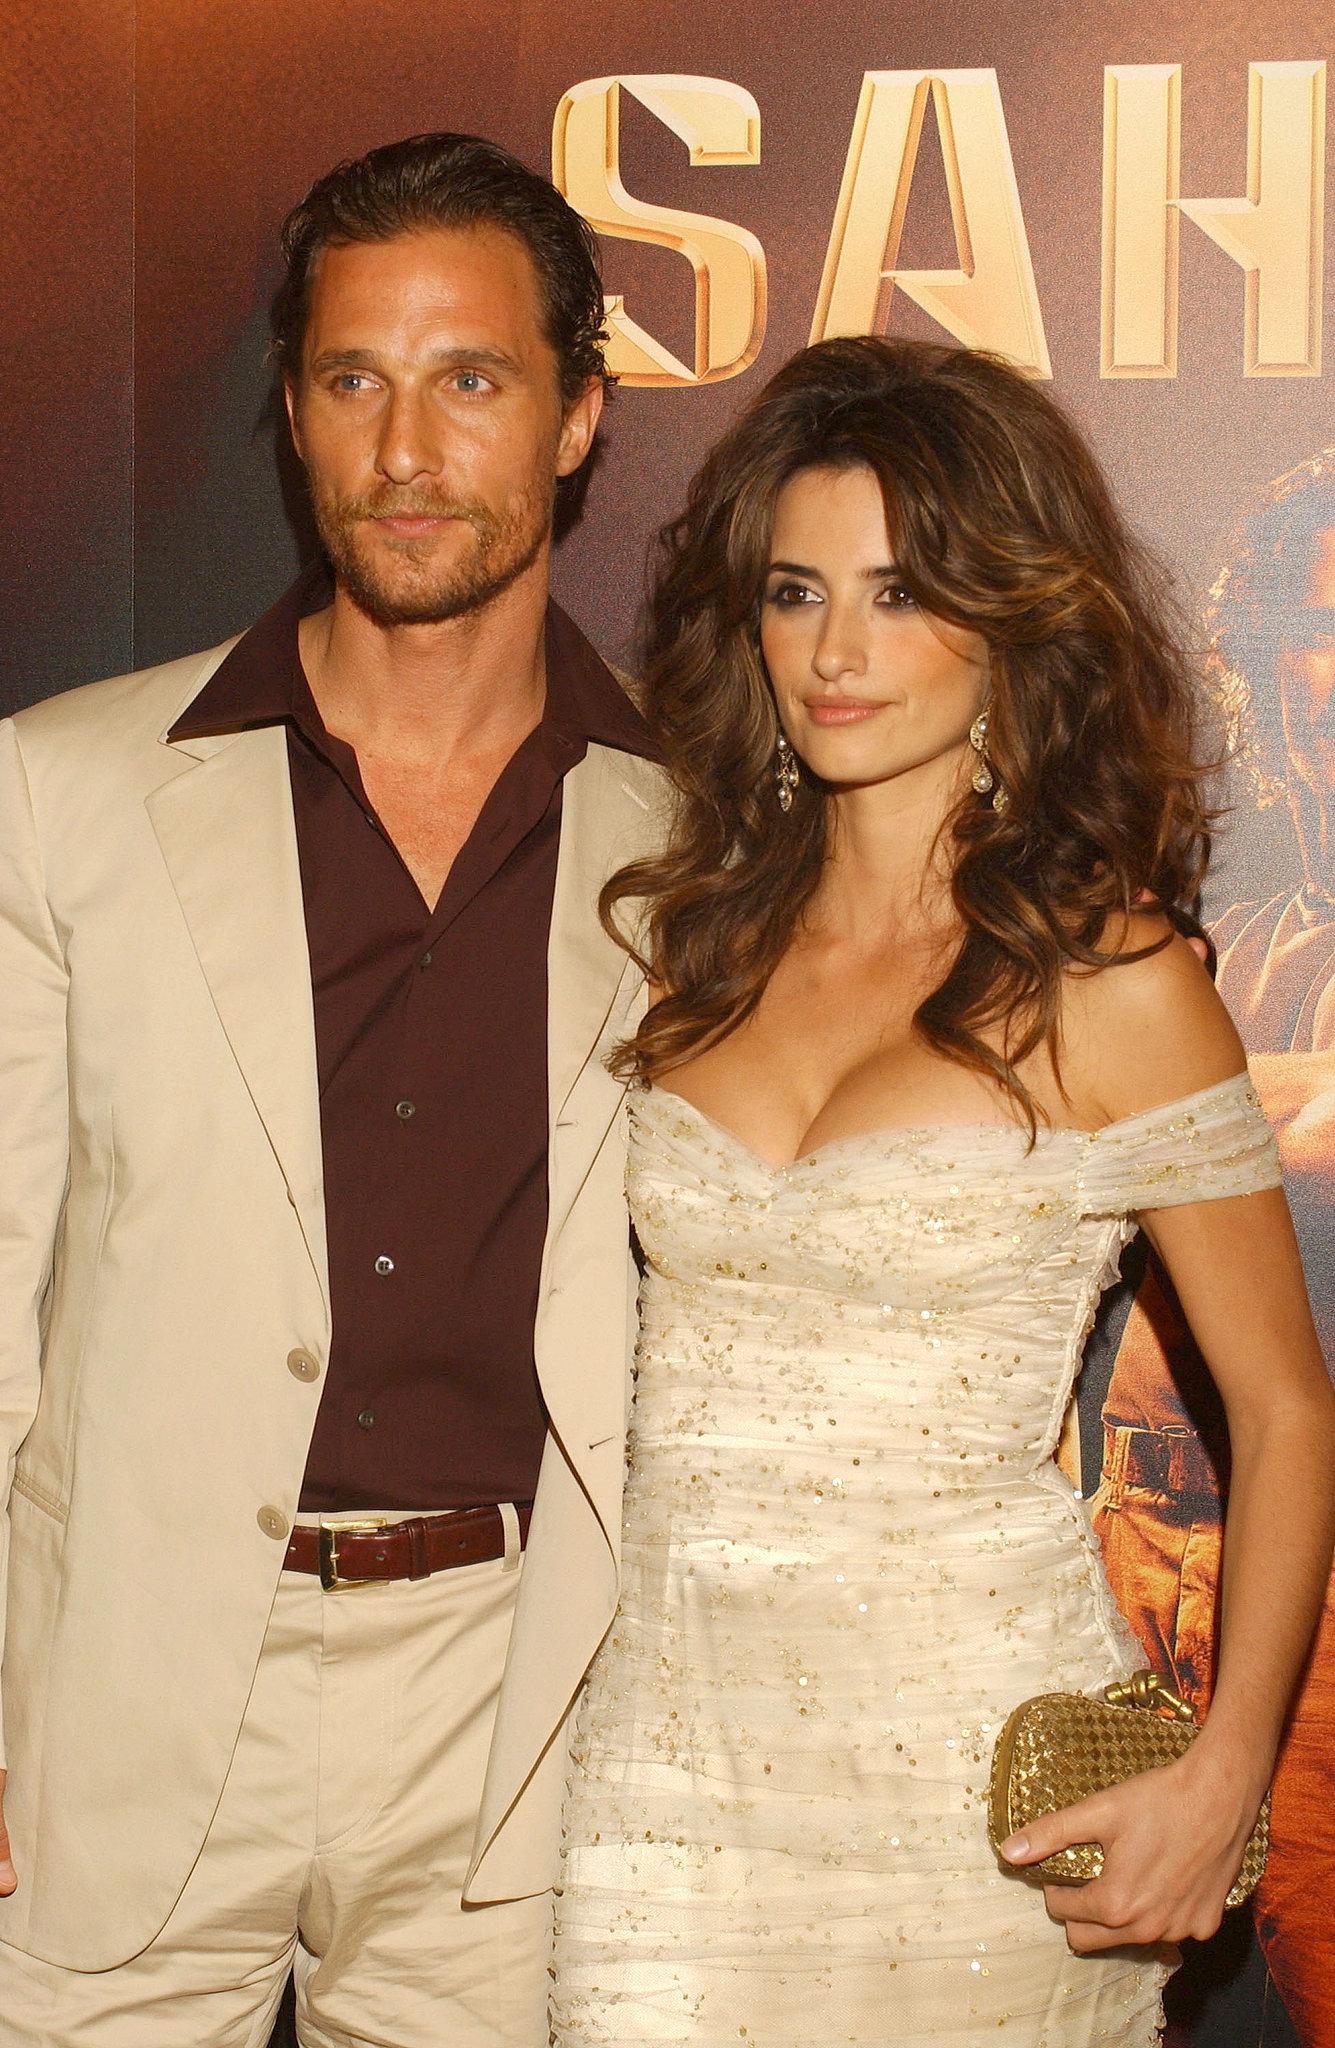 Matthew McConaughey And Camila Alves's Love Story